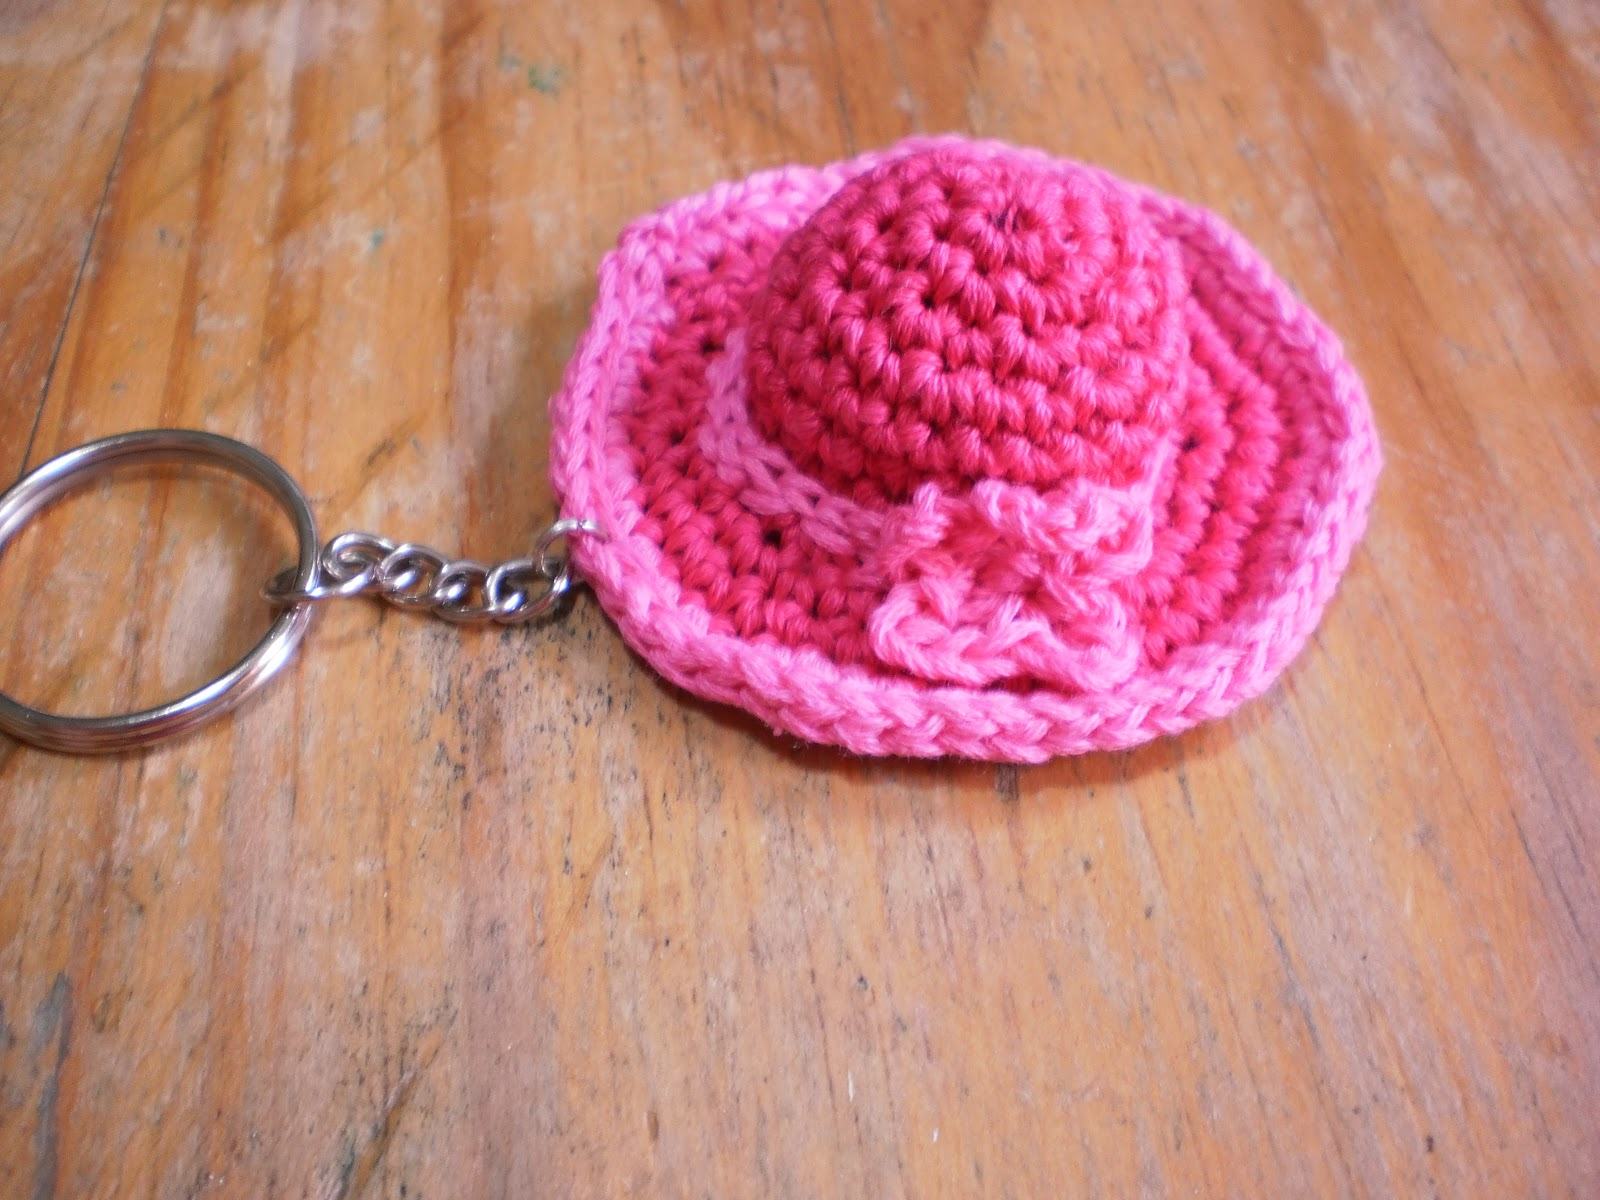 Llaveros tejidos de miniatura tejidos al crochet